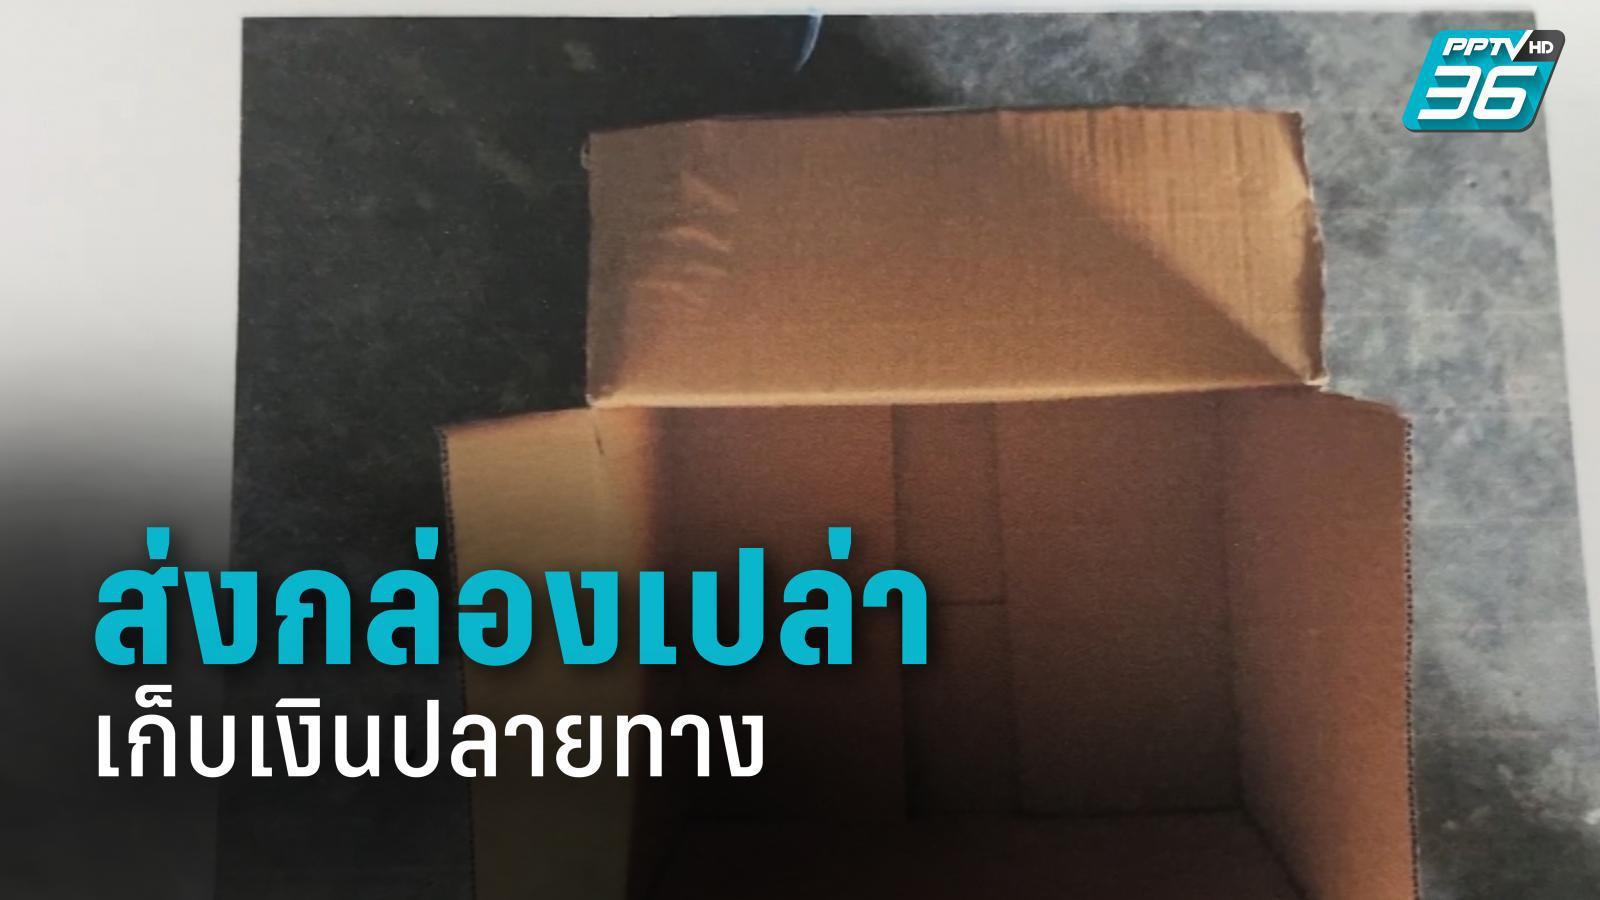 เตือนขาช้อปออนไลน์! มิจฉาชีพตีเนียนส่งกล่องพัสดุเปล่า เรียกเก็บเงินปลายทาง